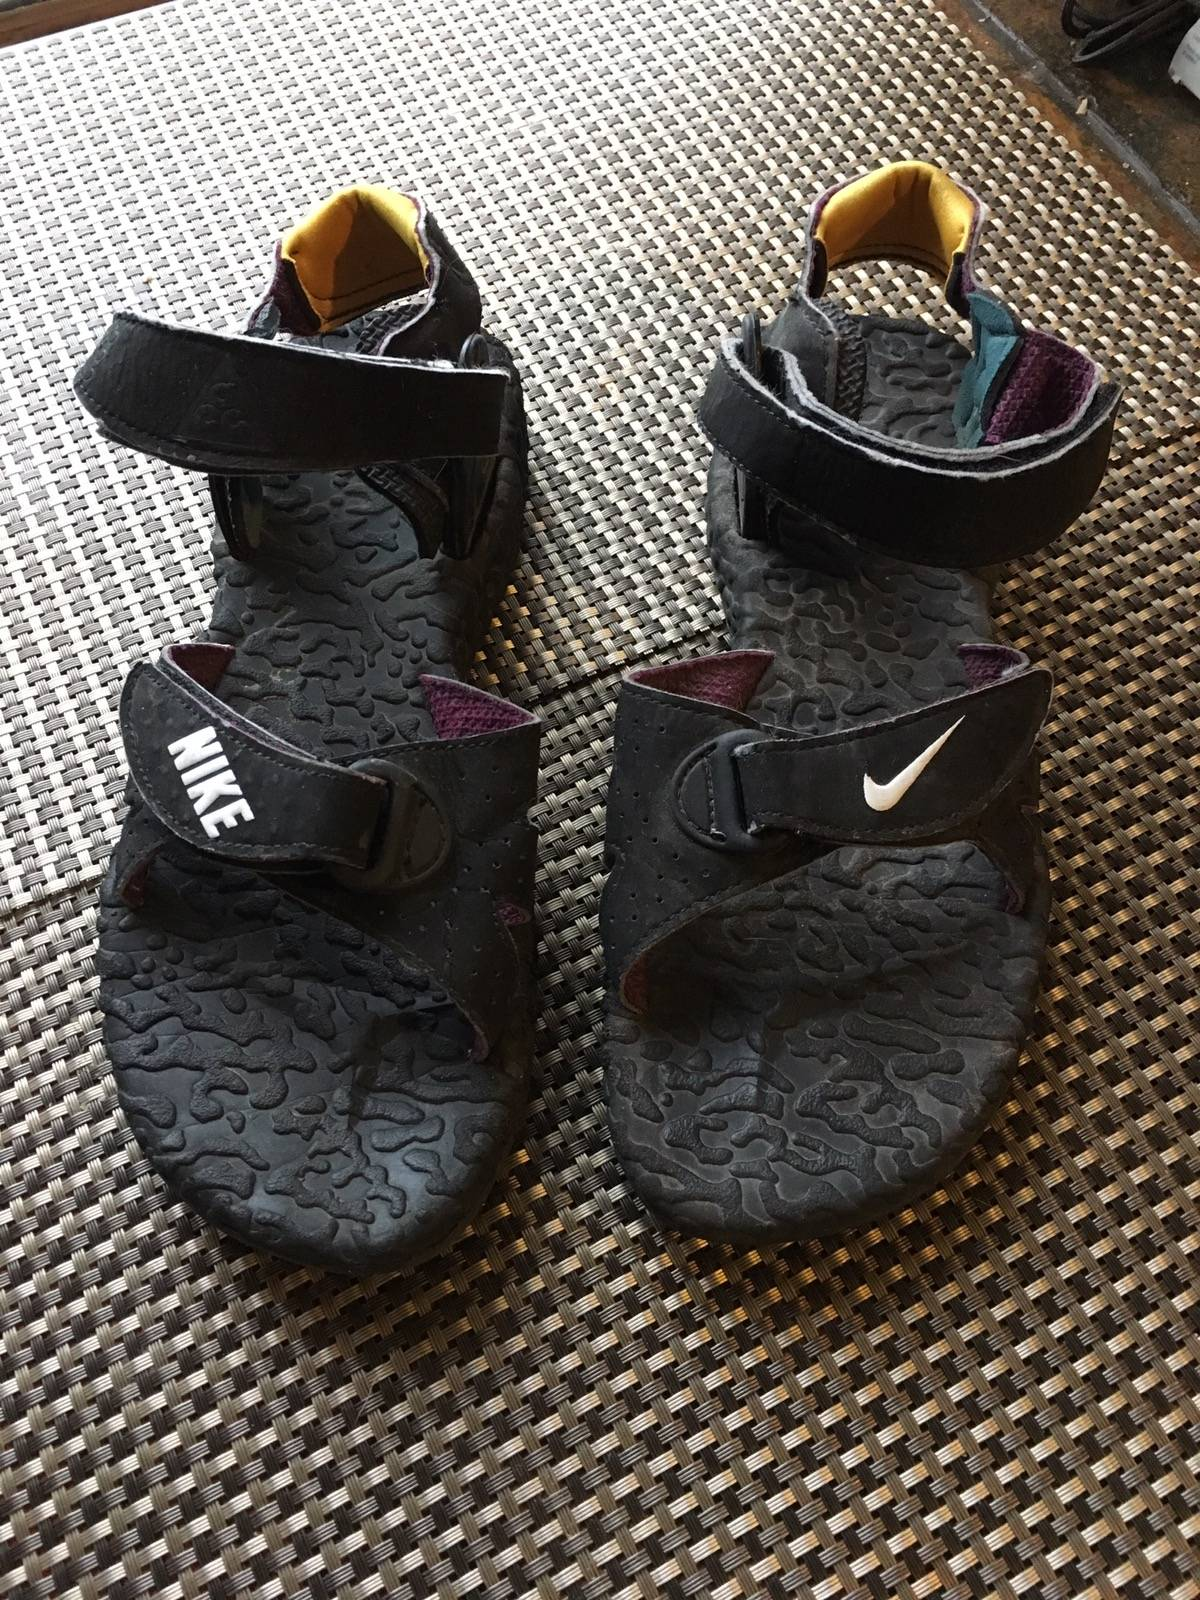 Nike Acg Vintage 90's Nike Air Acg Deschutz Sandals Mens Size 9 Size 9 $55